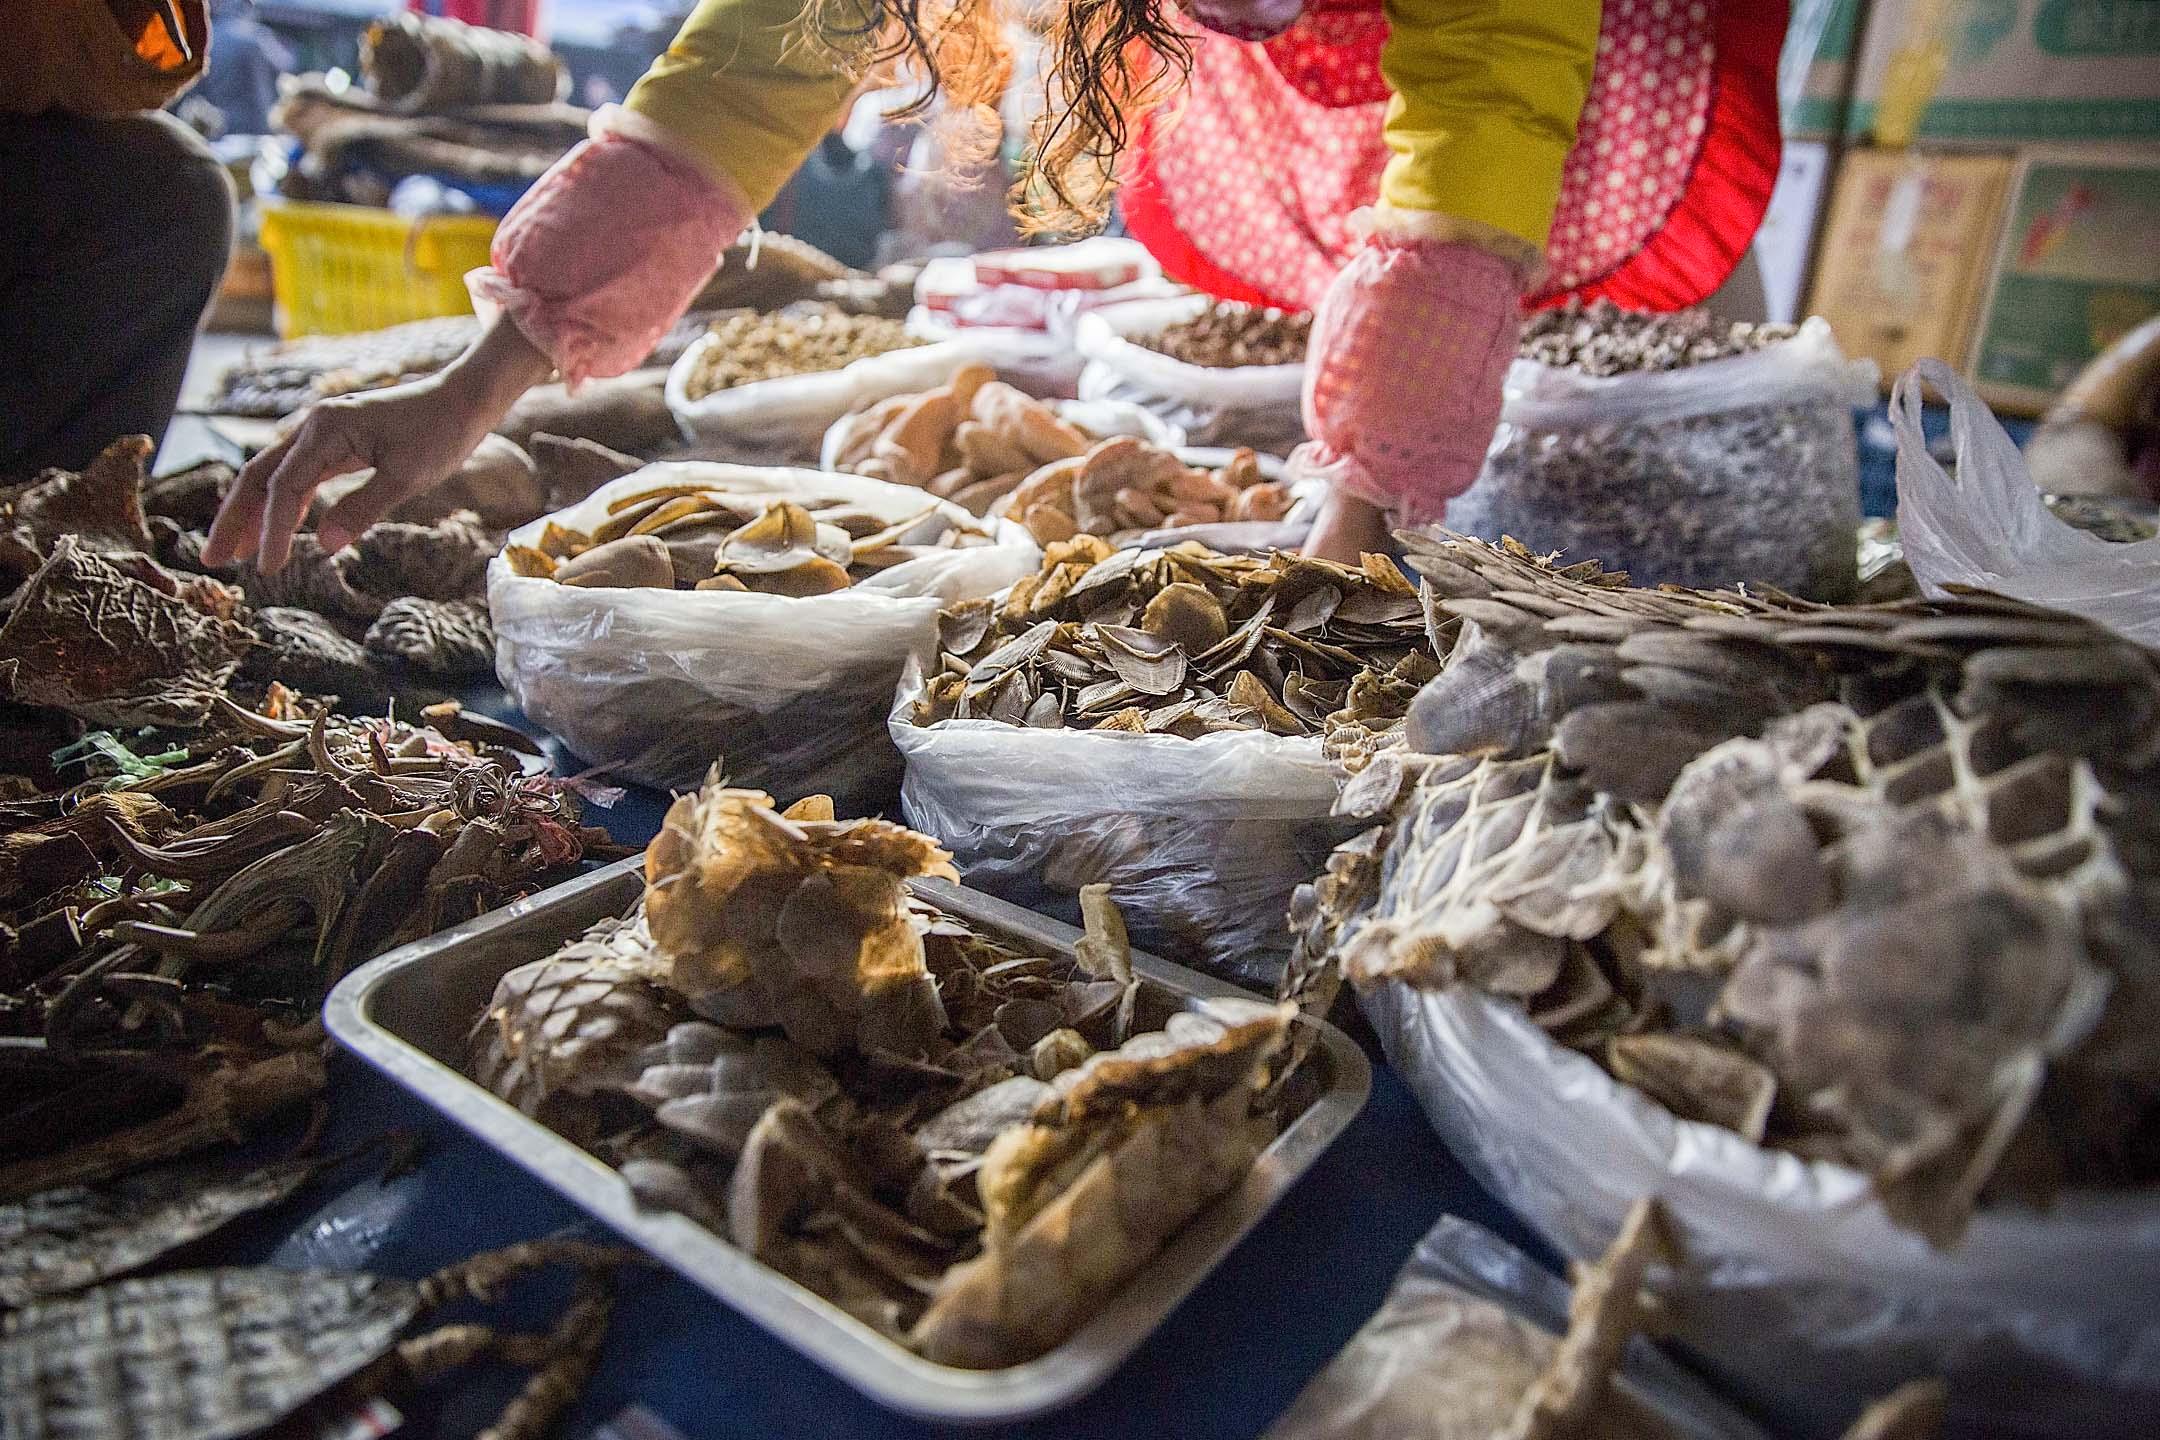 緬甸勐拉,出售穿山甲等野生動物製品的商販。